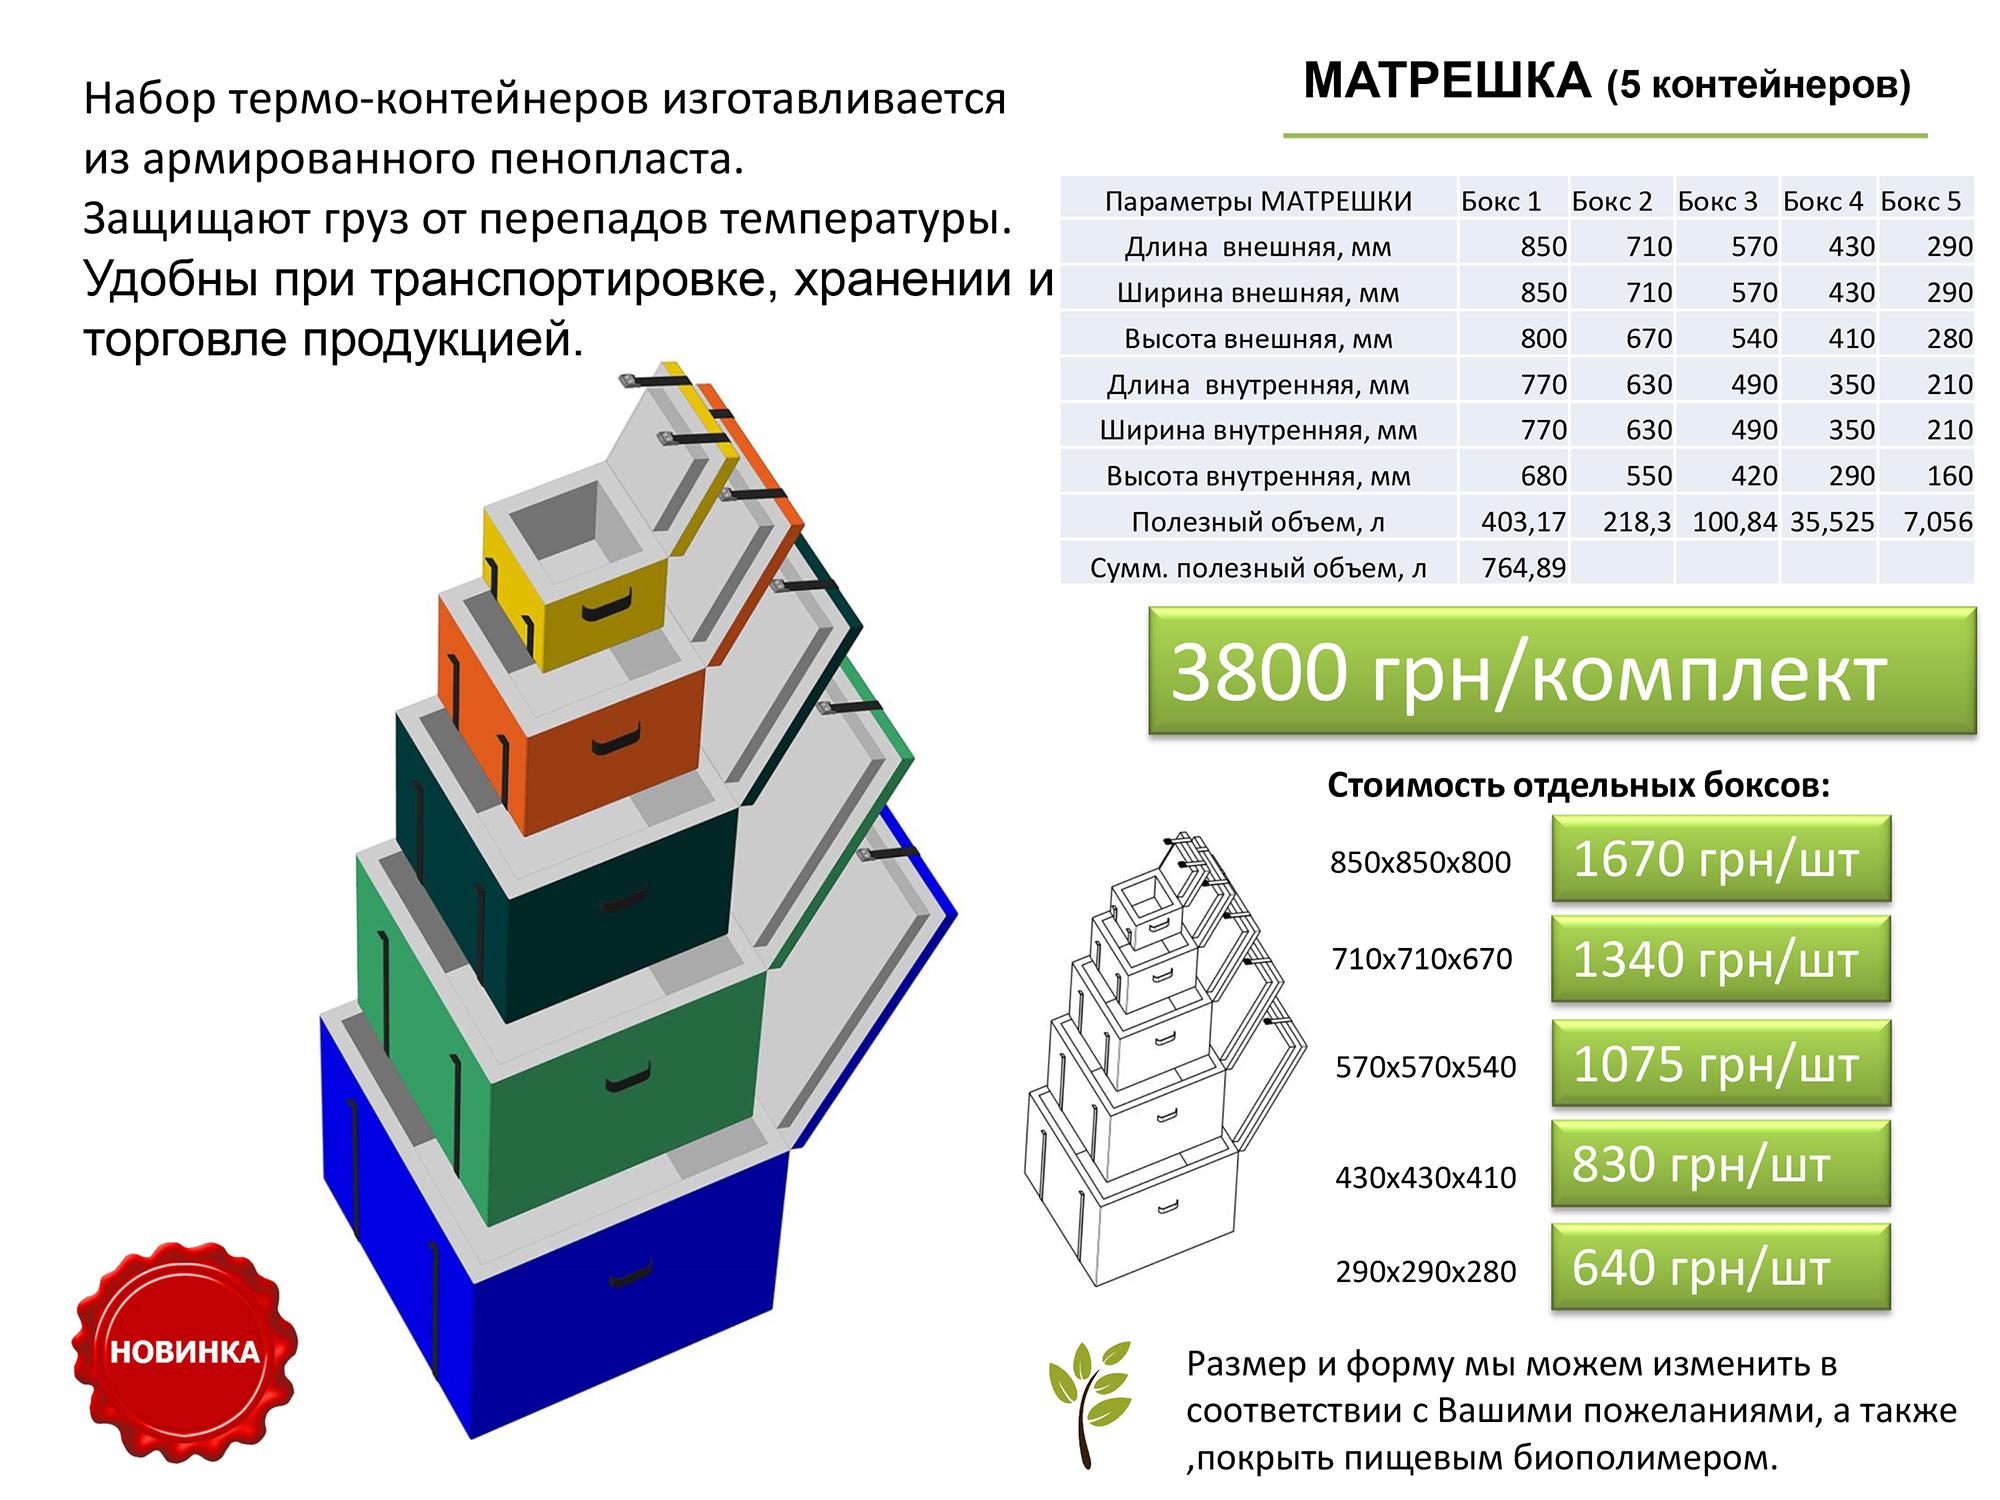 упаковка из пенопласта, Киев, Украина, заказать, купить, армированный пенопласт, термоупаковка из пенопласта